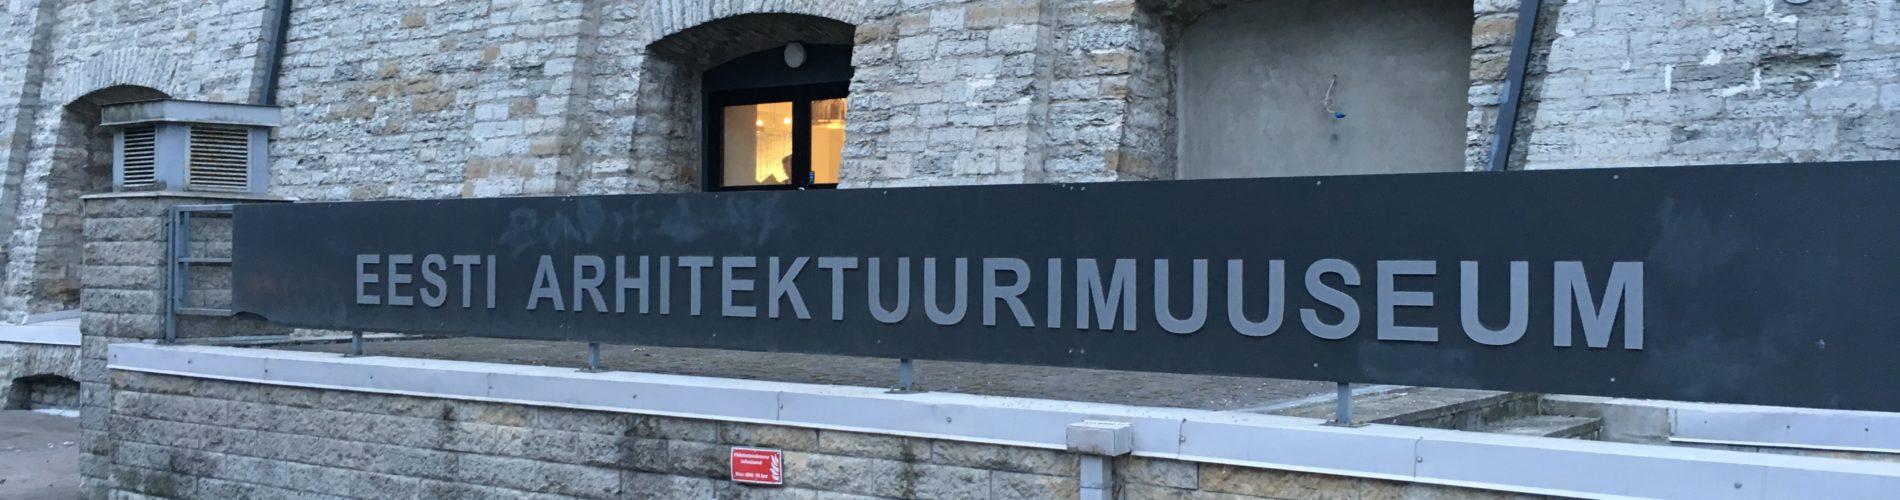 Eesti Arhitektuurimuuseum (RKAS/TERA AS) jaanuar 2017